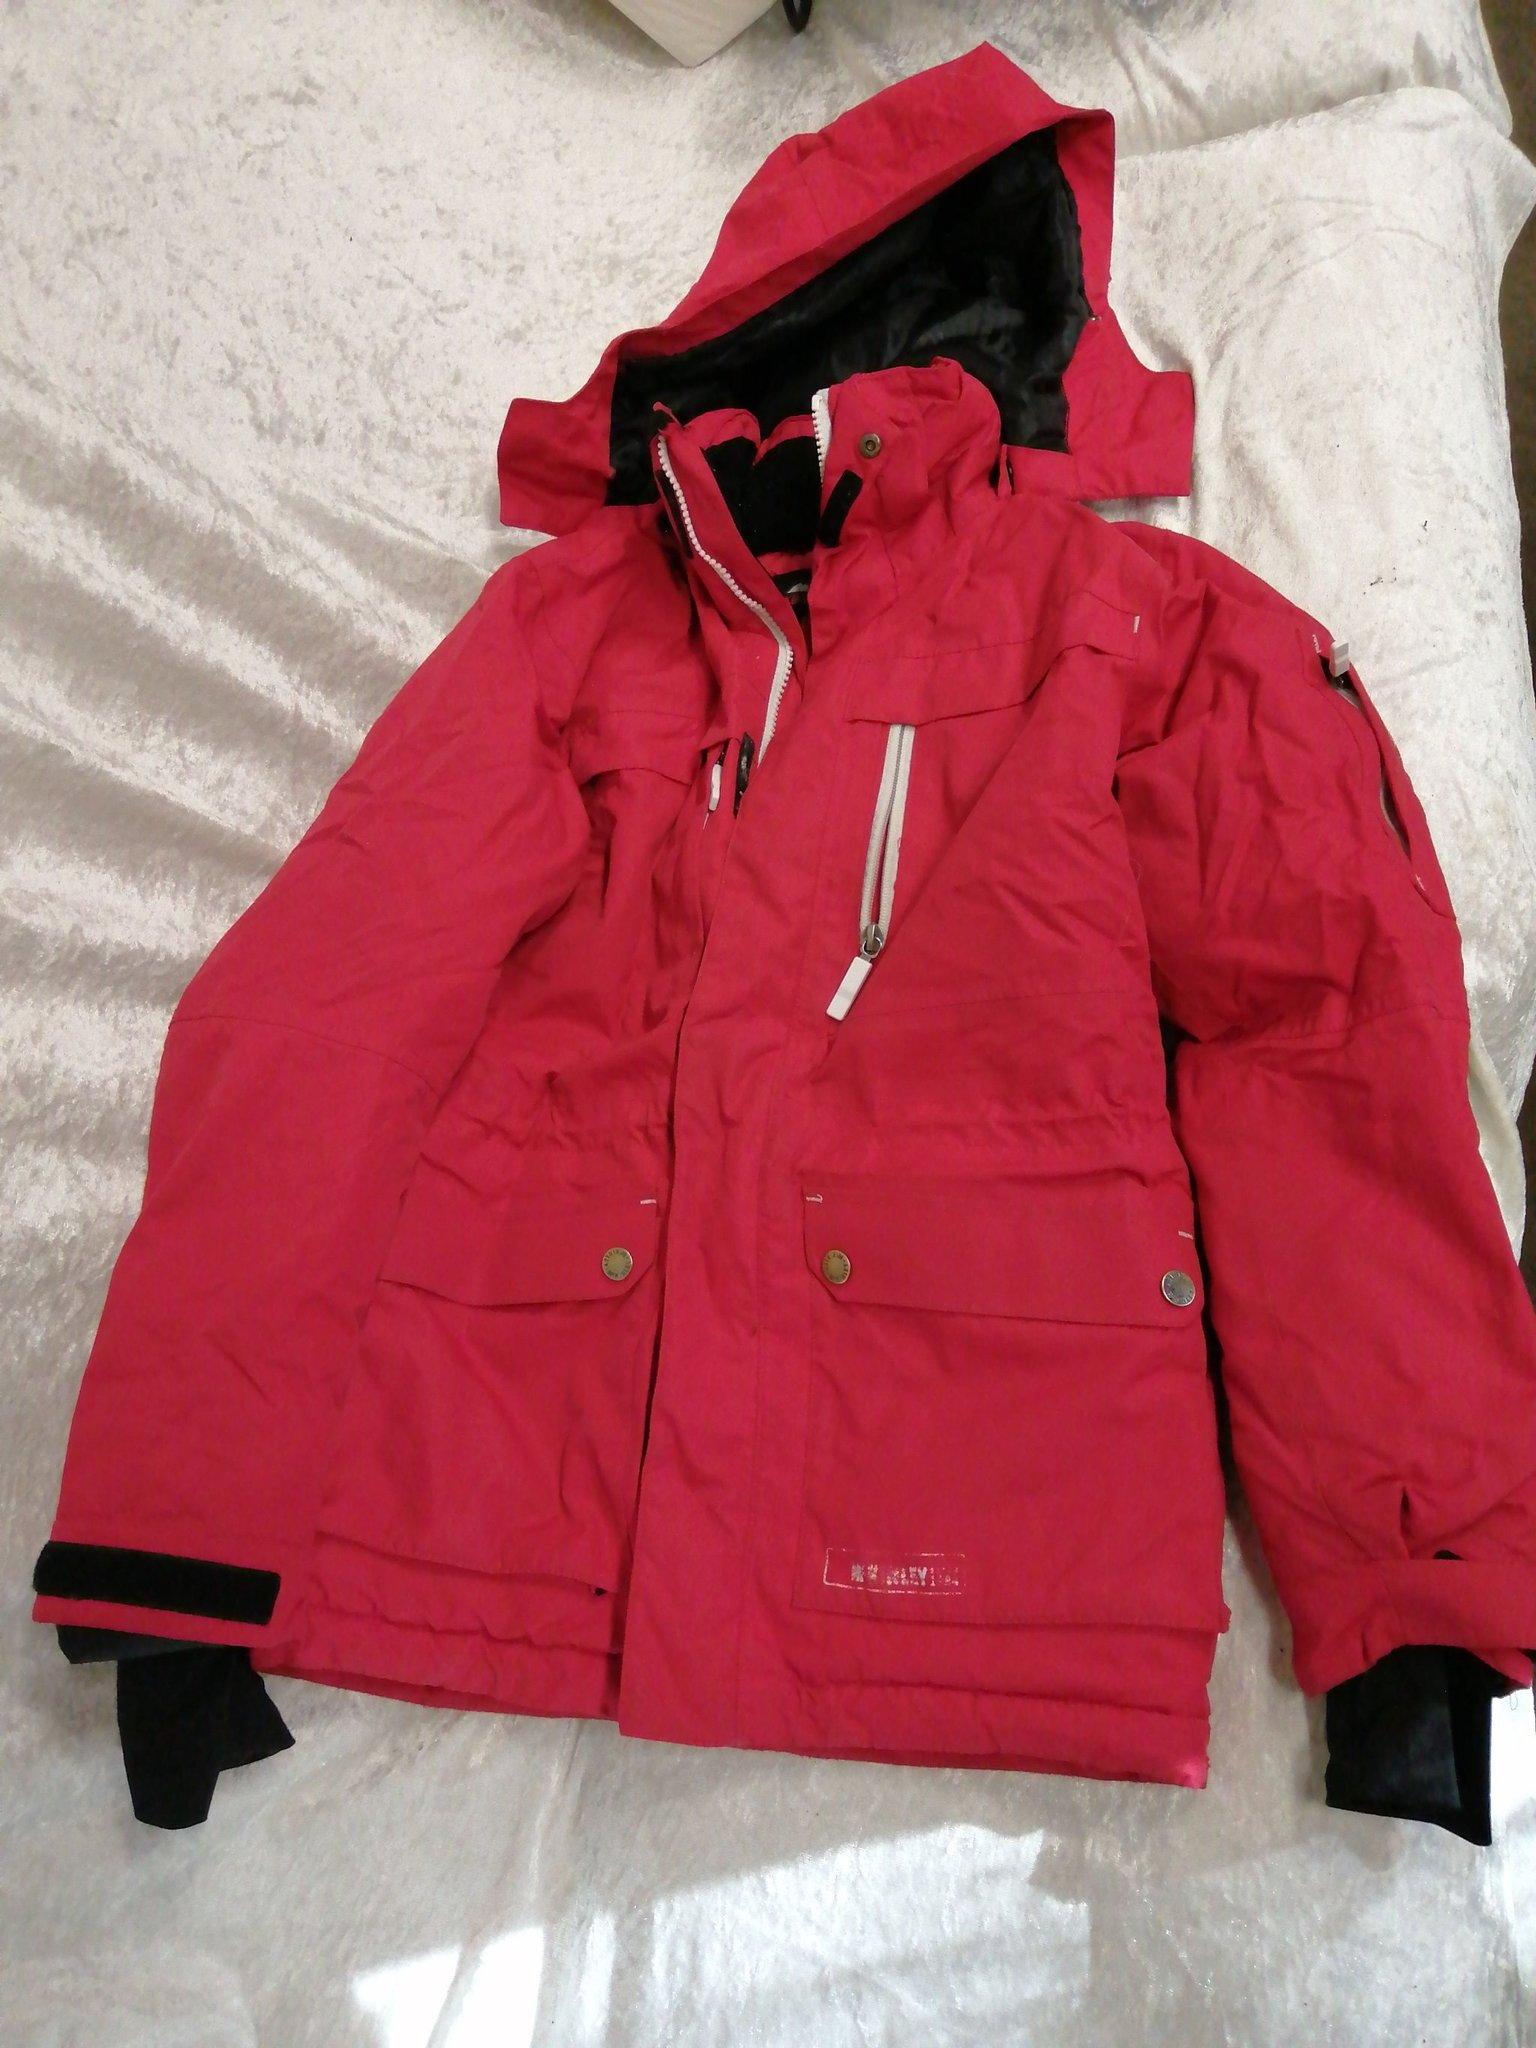 McKinley röd jacka stl 150 (420886190) ᐈ Köp på Tradera